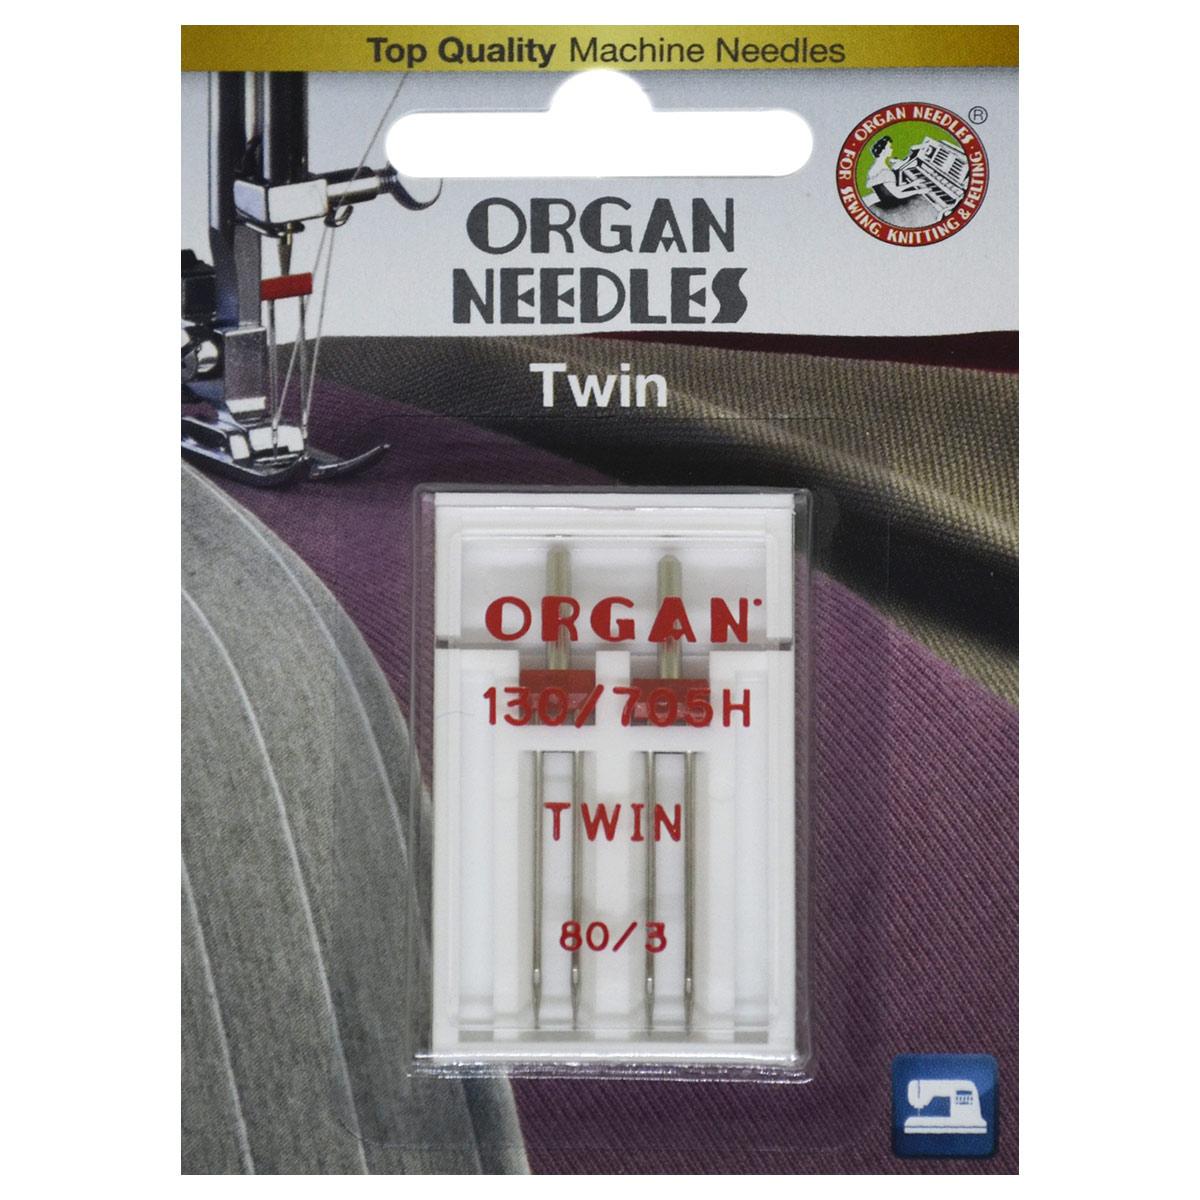 ORGAN иглы двойные 2-80/3 Blister